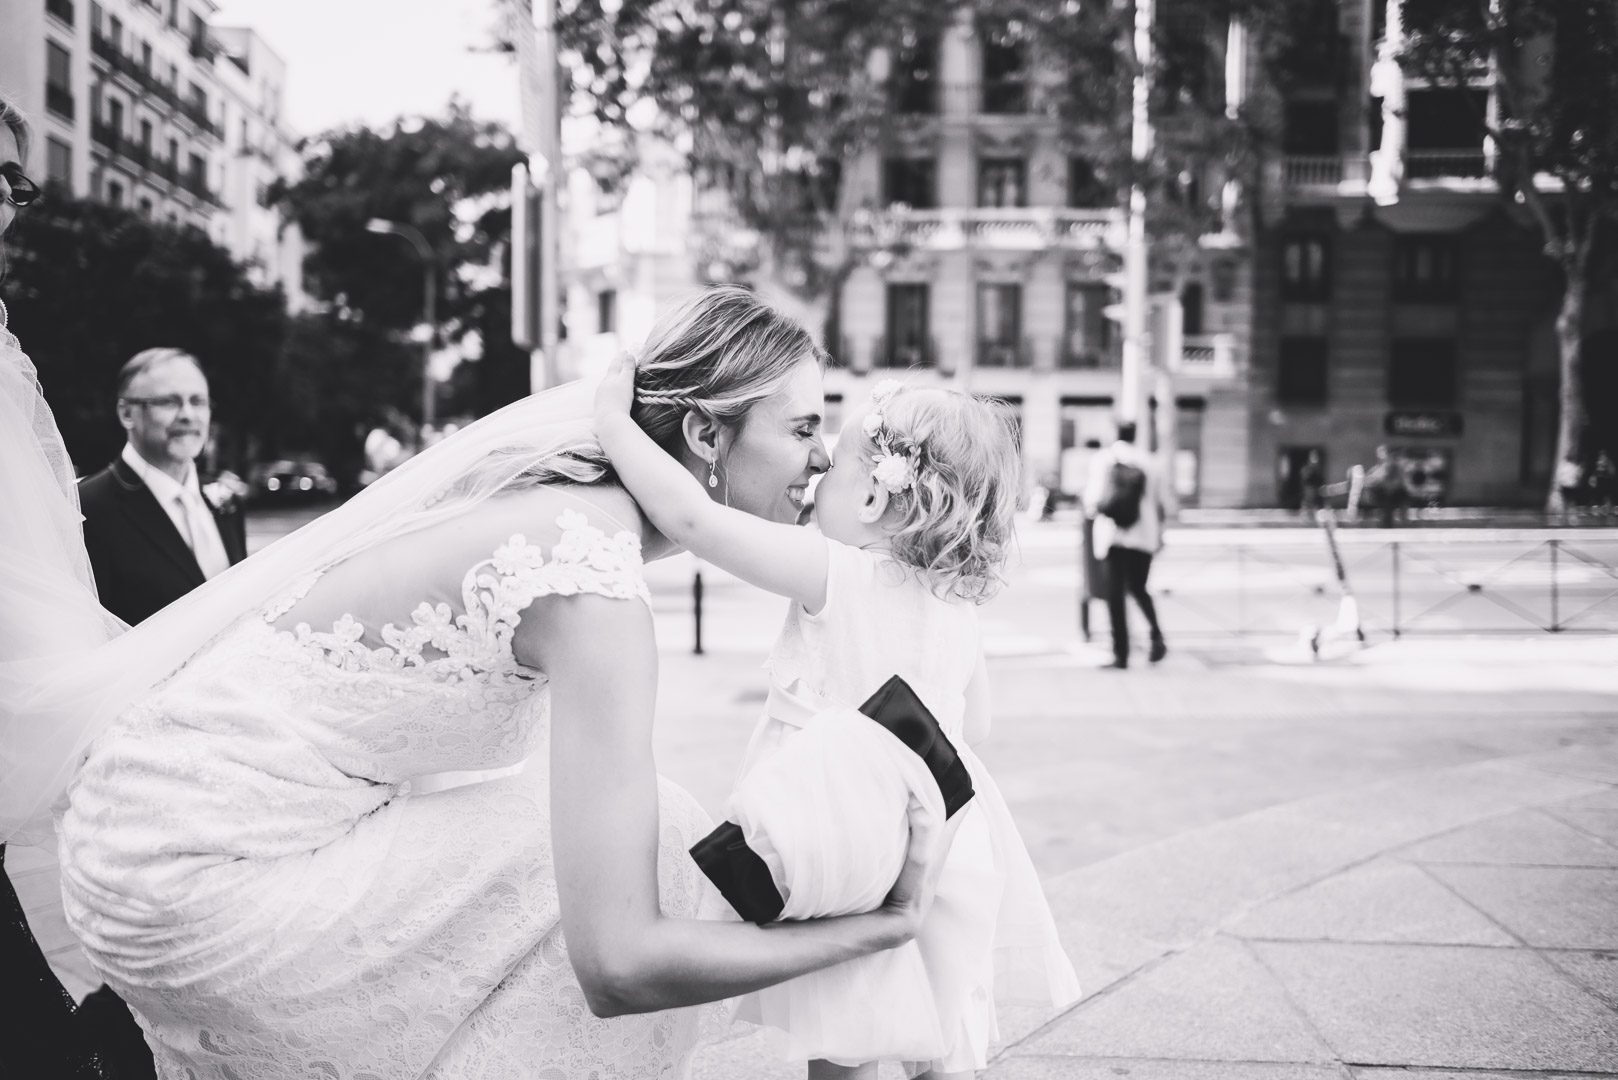 Fotografía de boda de un beso y abrazo de niña pequeña a la novia